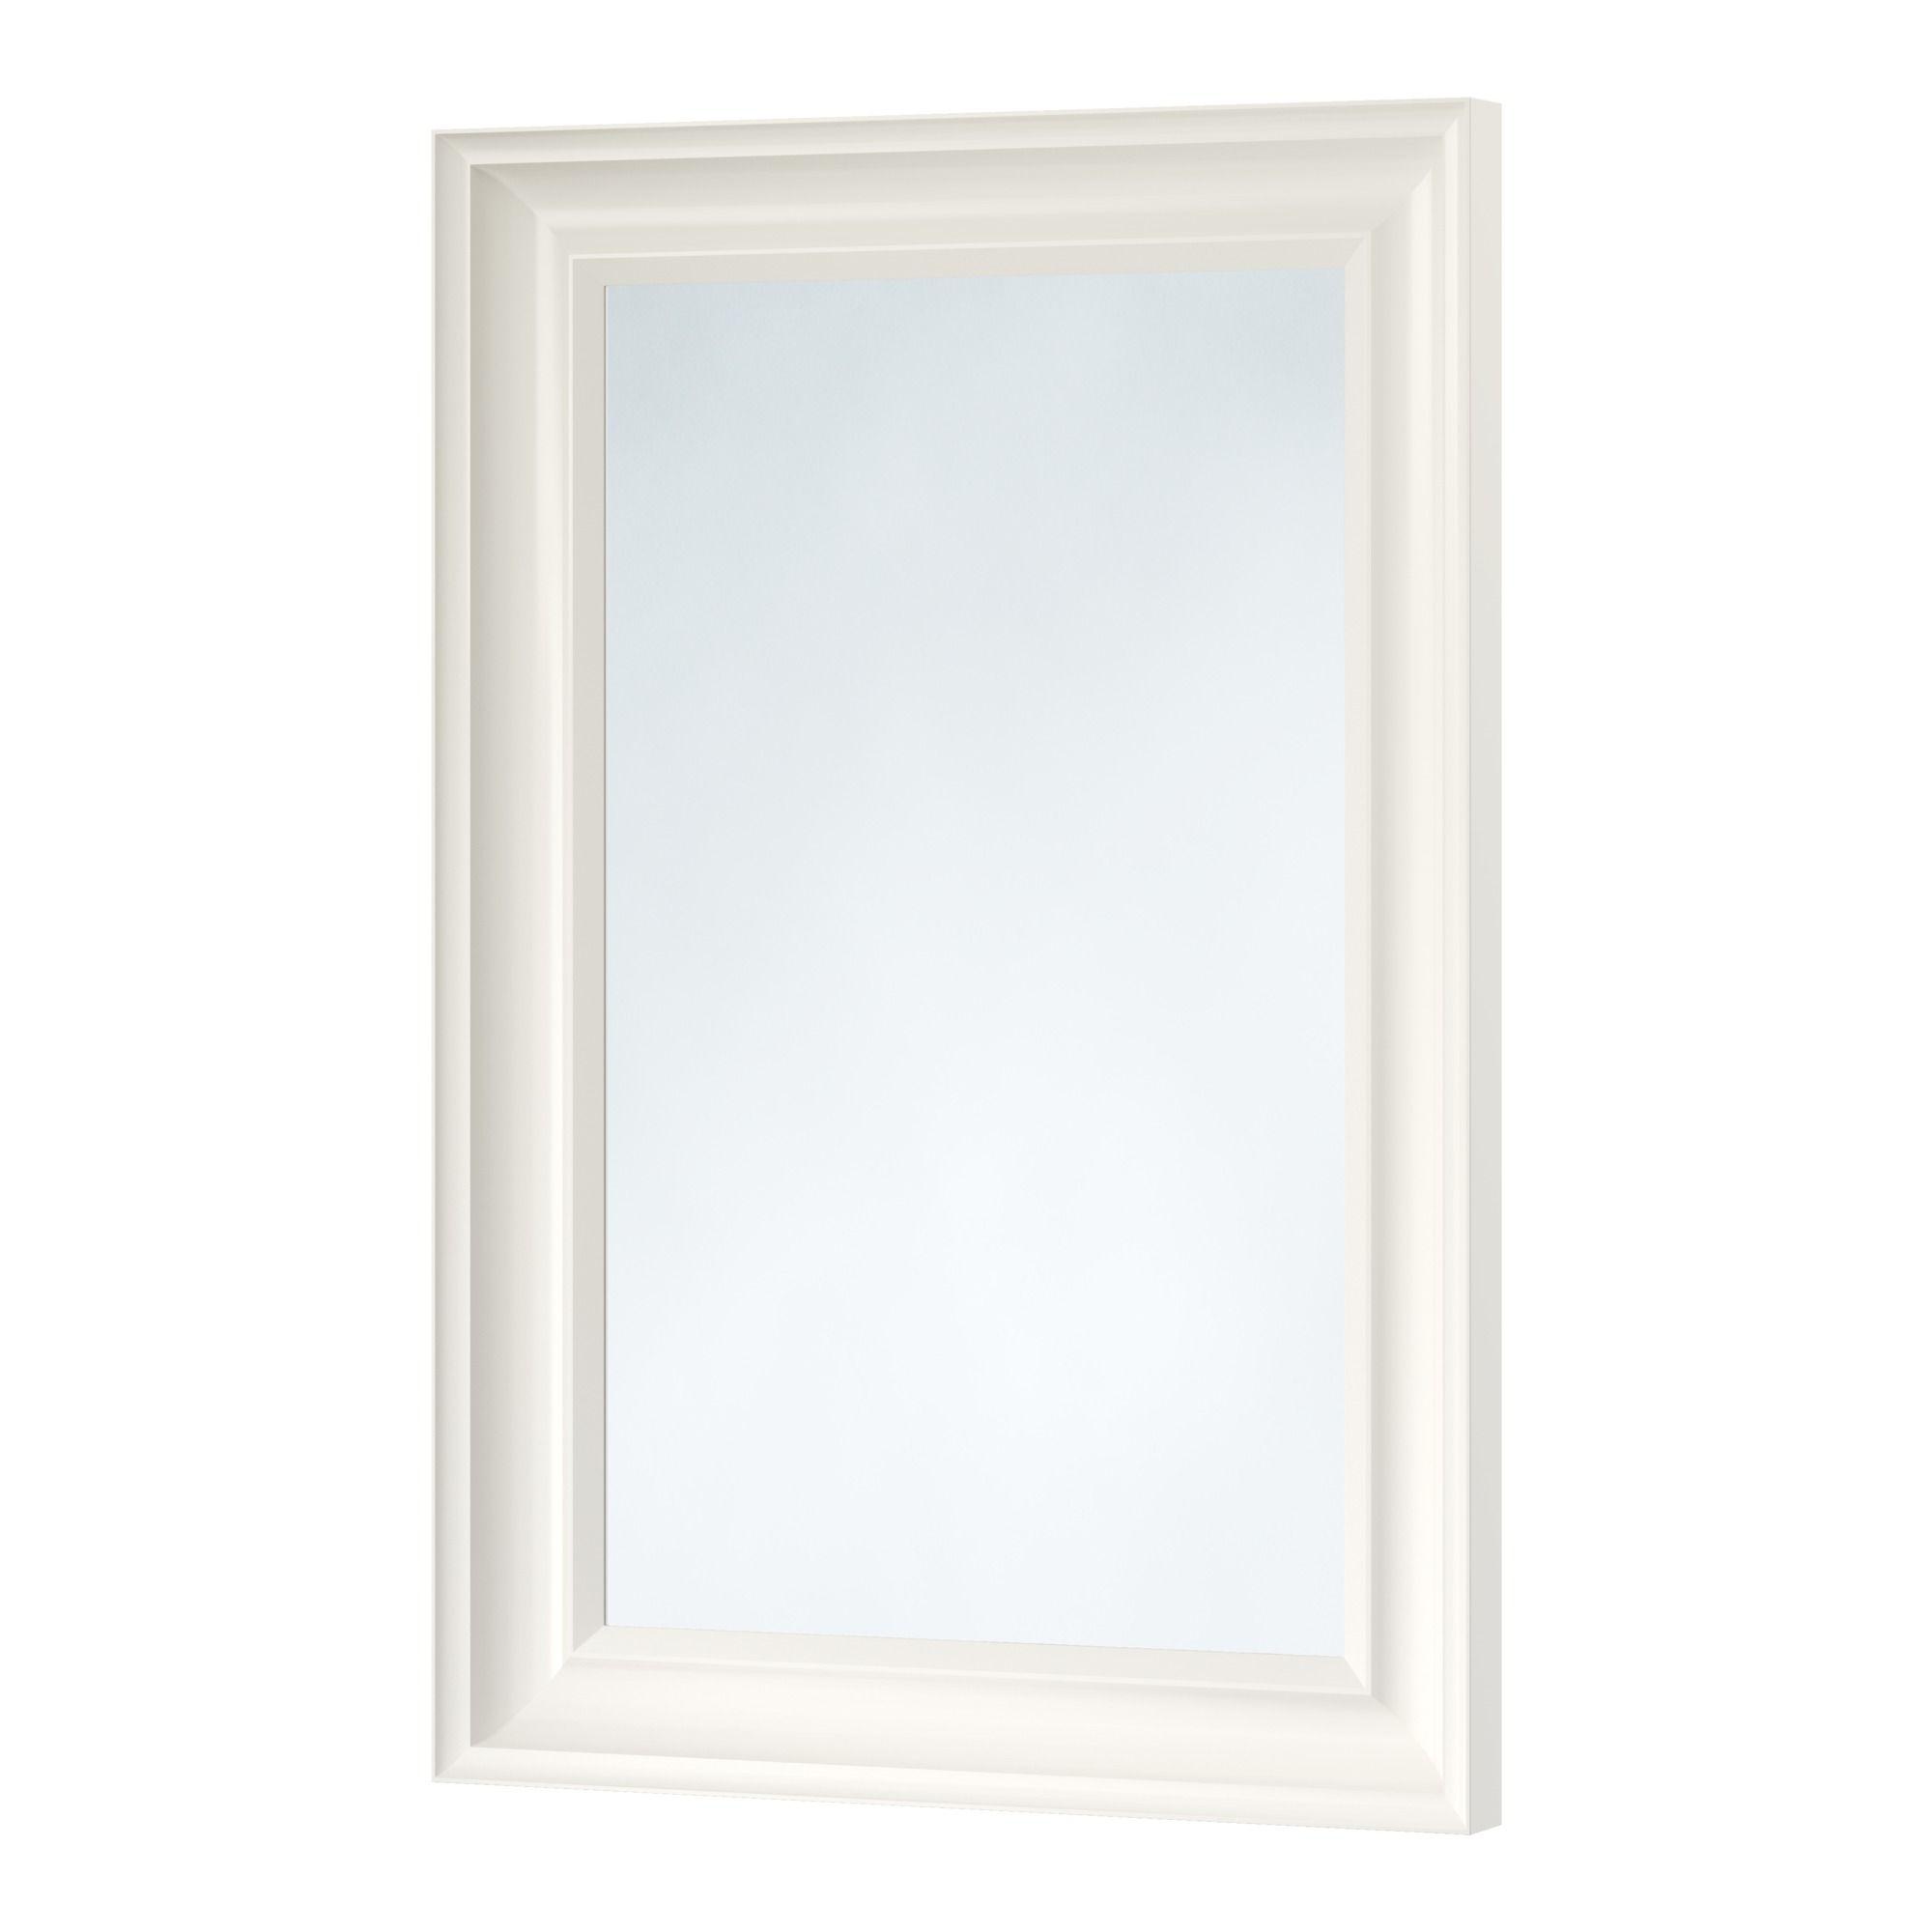 IKEA - HEMNES, Espejo, blanco | Área de maquillaje | Pinterest ...